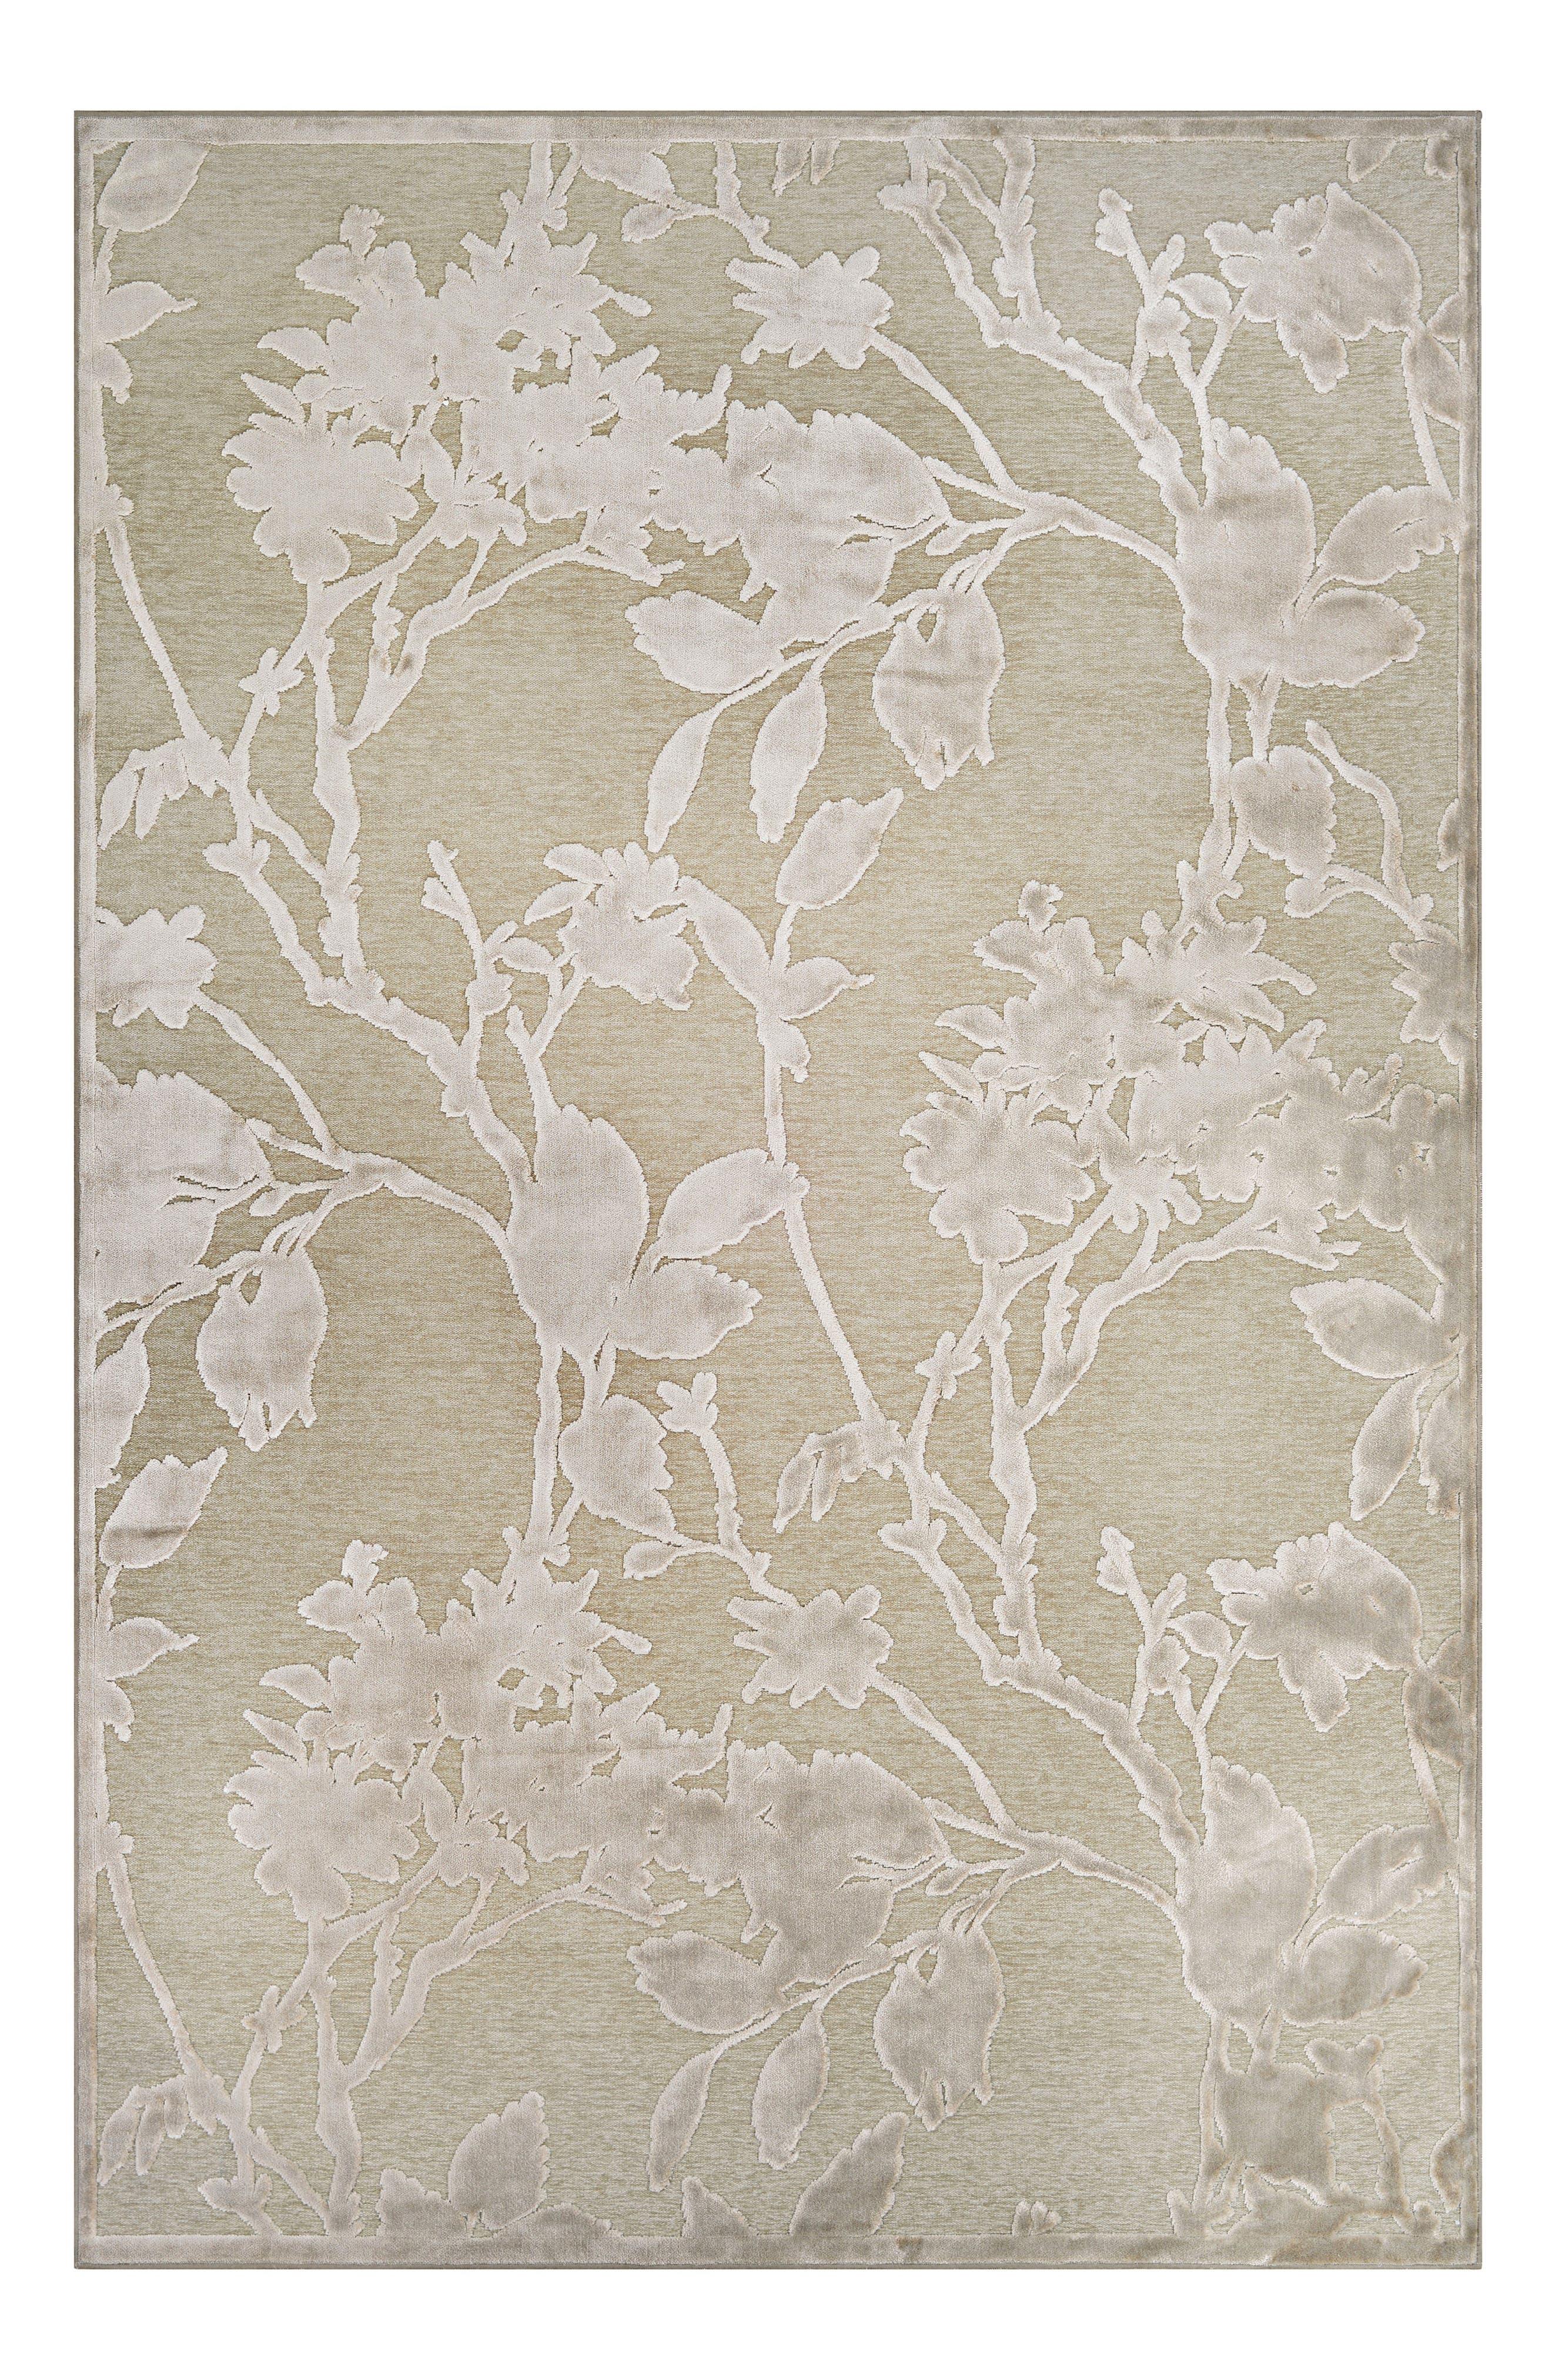 Cire Blossom Area Rug,                         Main,                         color, MUSHROOM